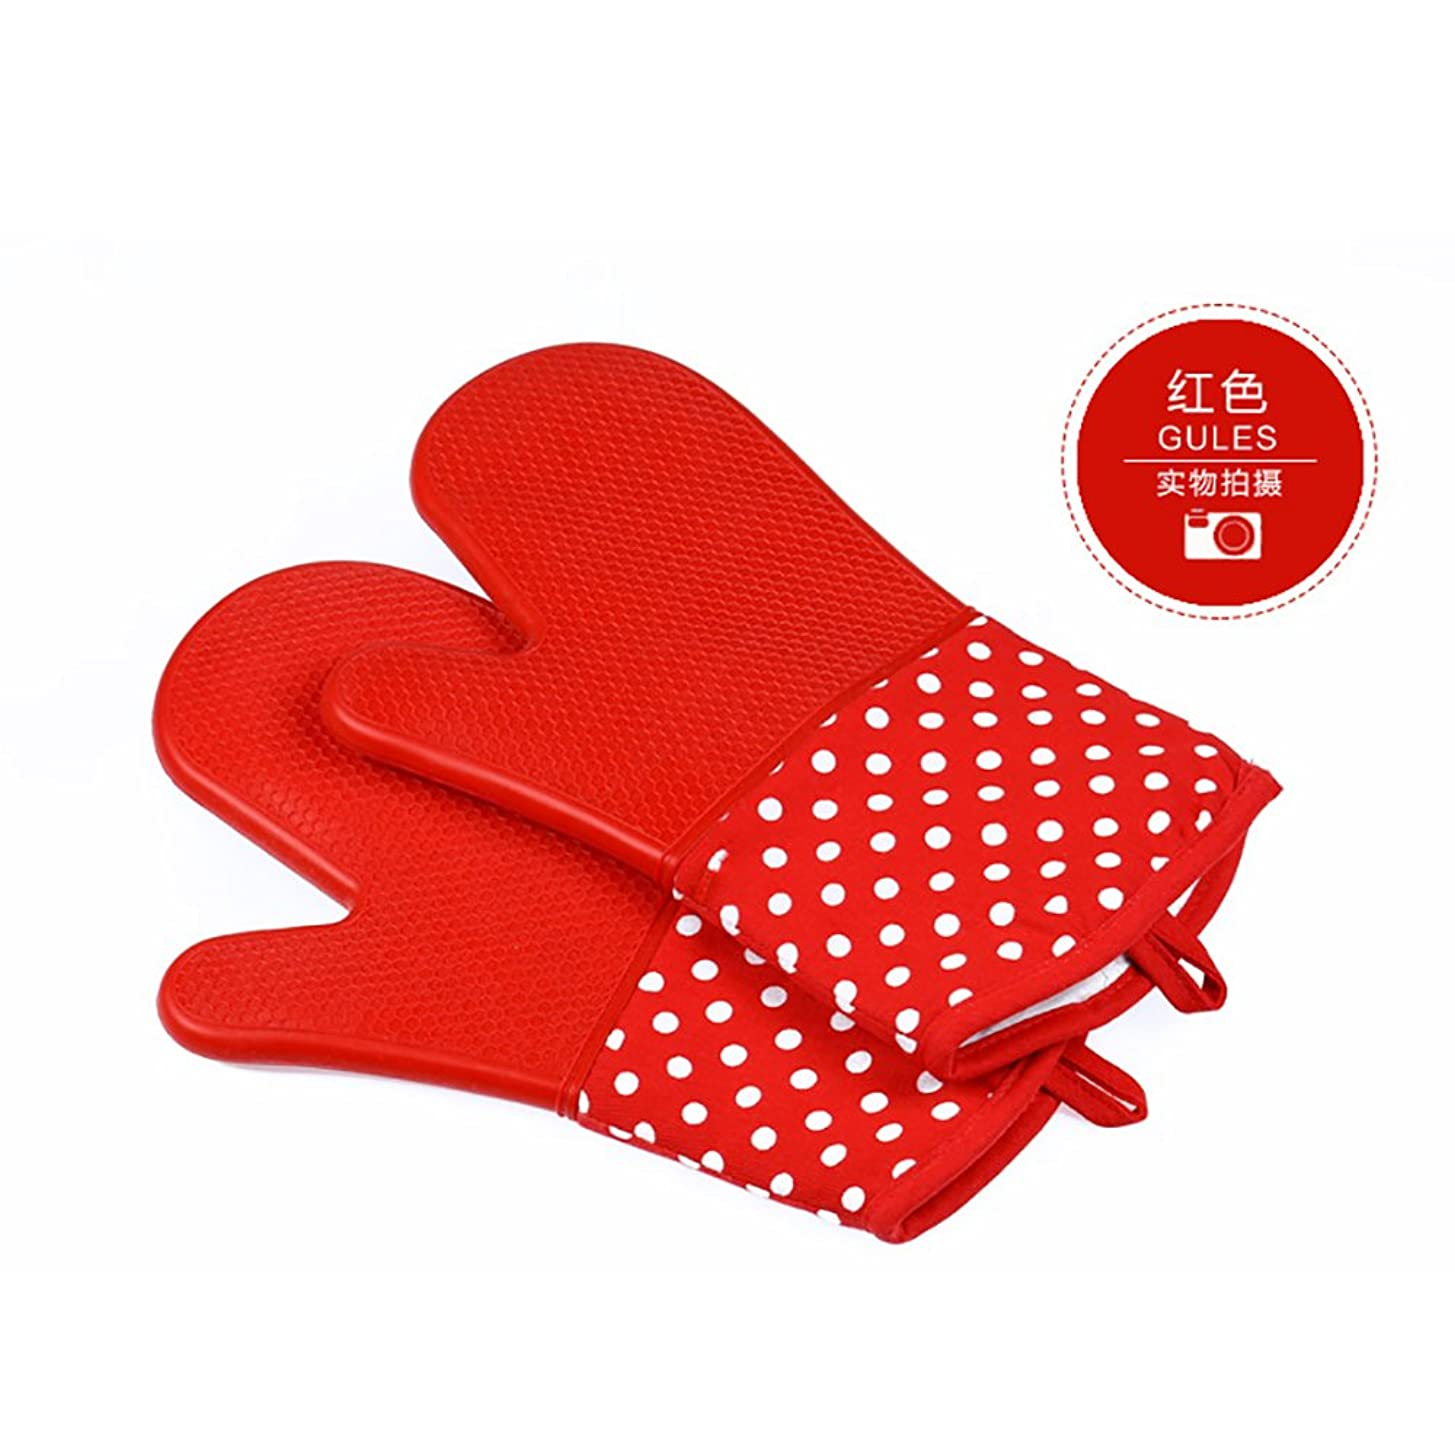 デンプシー賞発音JOOP【2個セット】【シリコンベーキング手袋】【バーベキュー手袋】【キッチン電子レンジの手袋】【オーブン断熱手袋】【300の加熱温度極値】【7色】 (レッド)